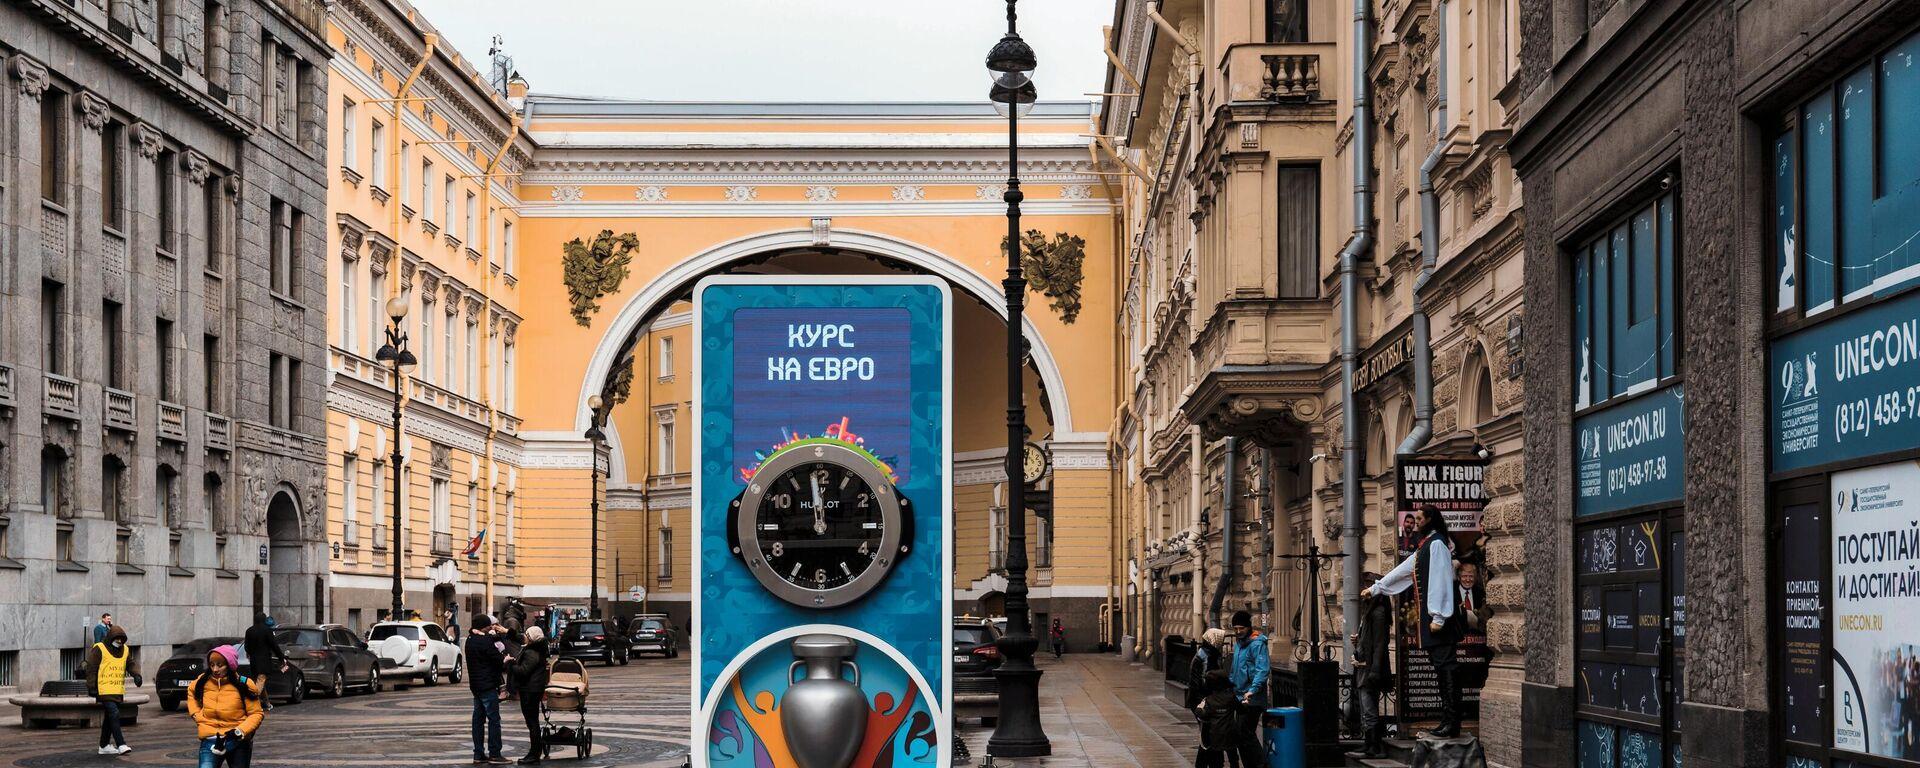 Conto alla rovescia per l'Euro 2020 a San Pietroburgo - Sputnik Italia, 1920, 20.05.2021